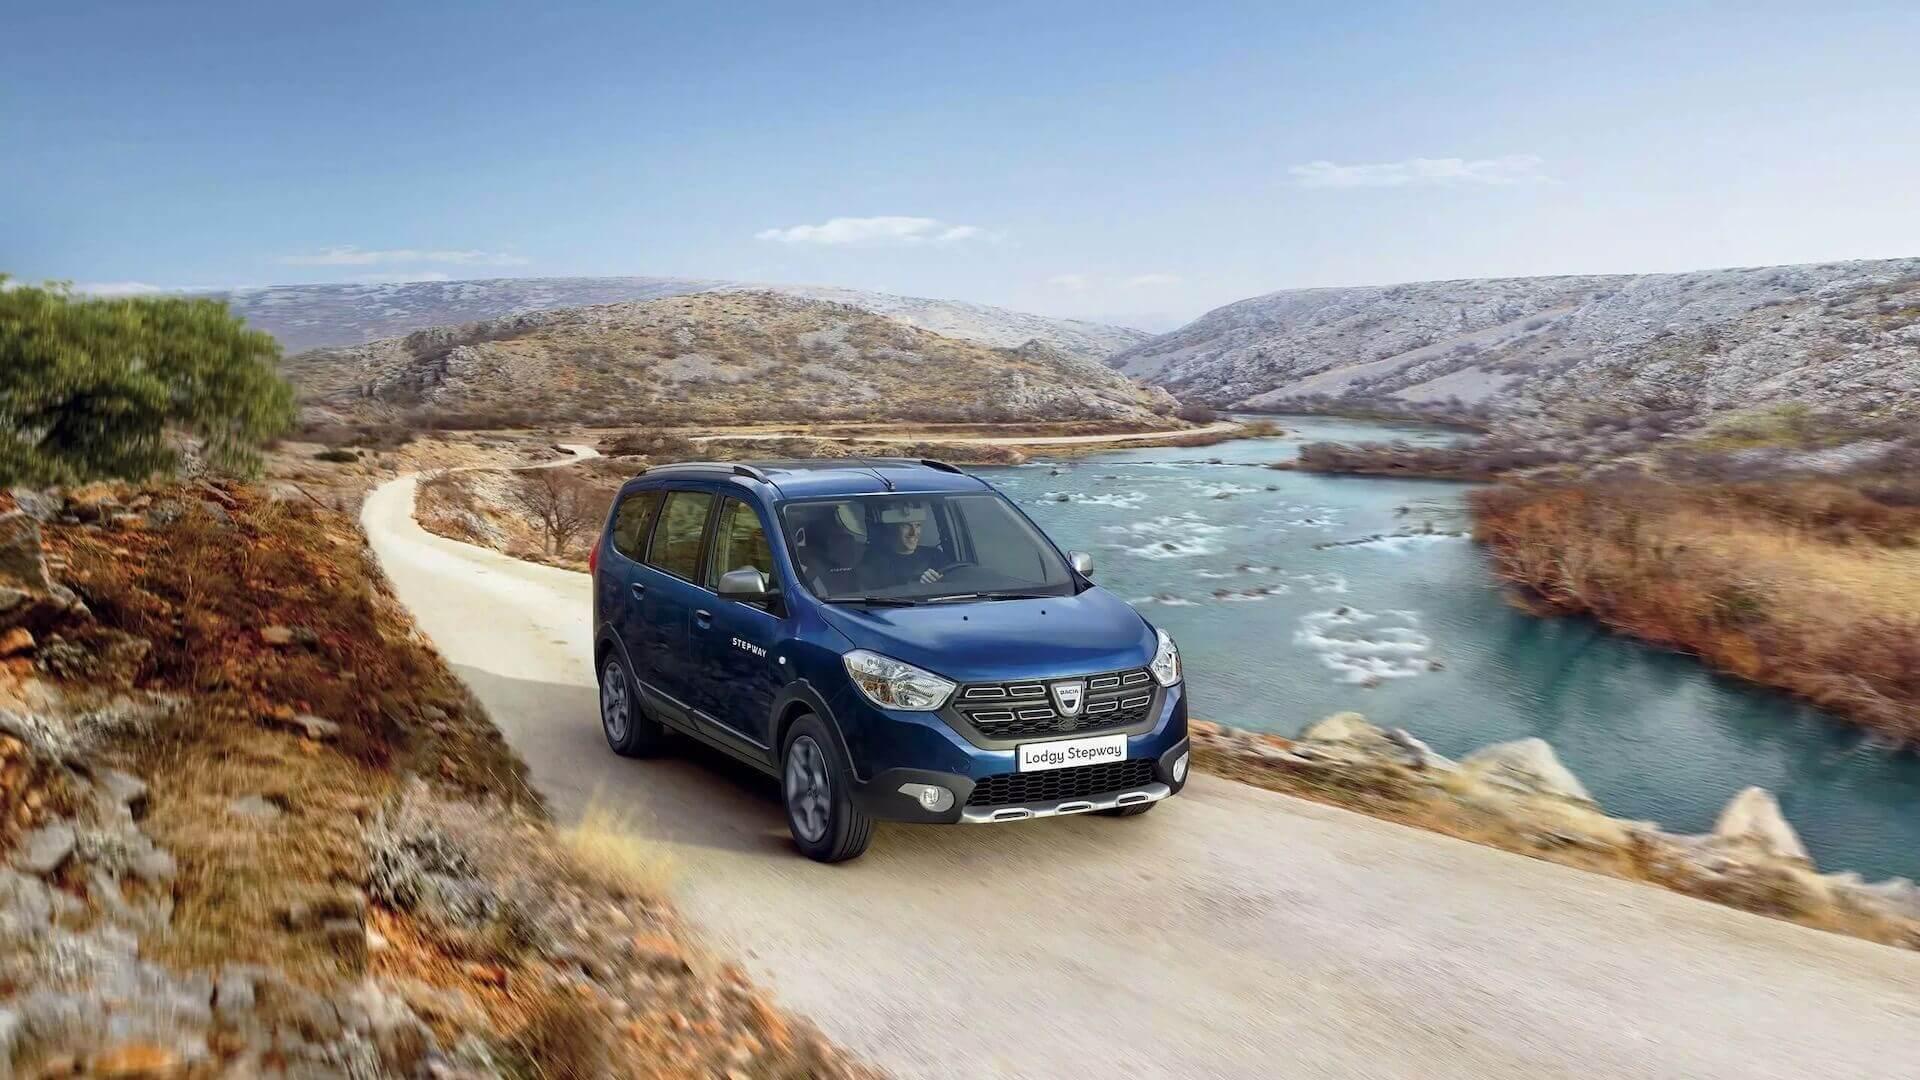 Frontansicht vom blauen Auto - Auto fährt auf einer kurvigen Straße - Dacia Lodgy - Renault Ahrens Hannover